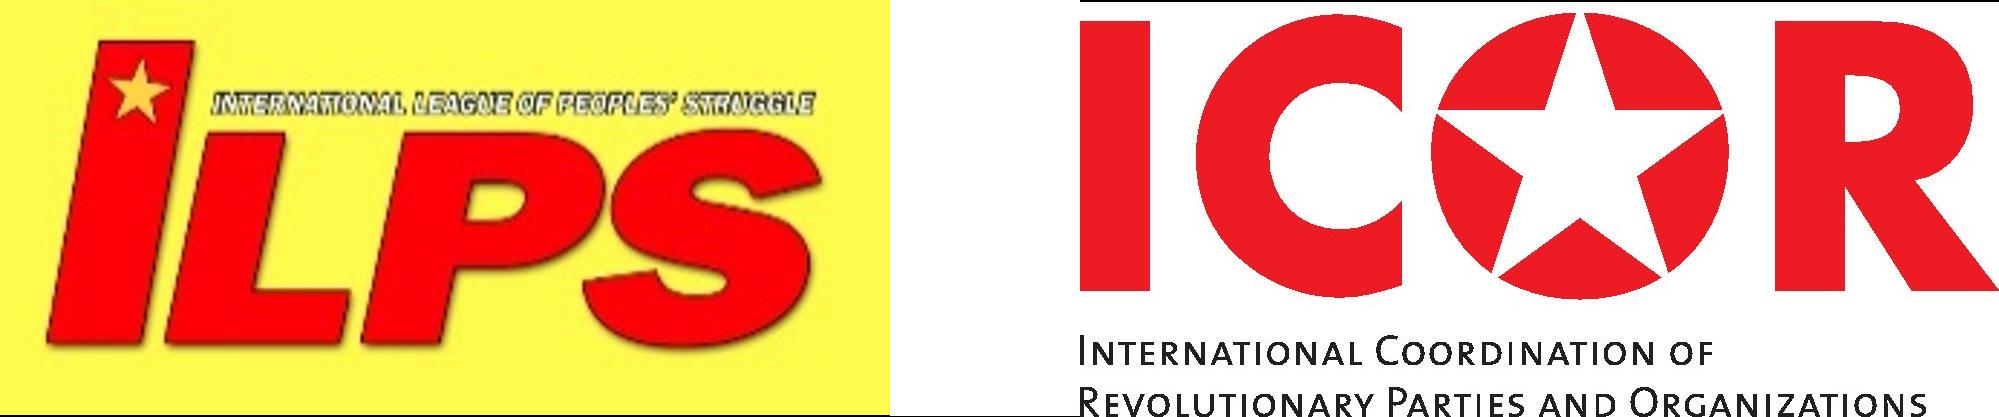 Appel à la construction d'un front uni anti-impérialiste et Anti-faciste international